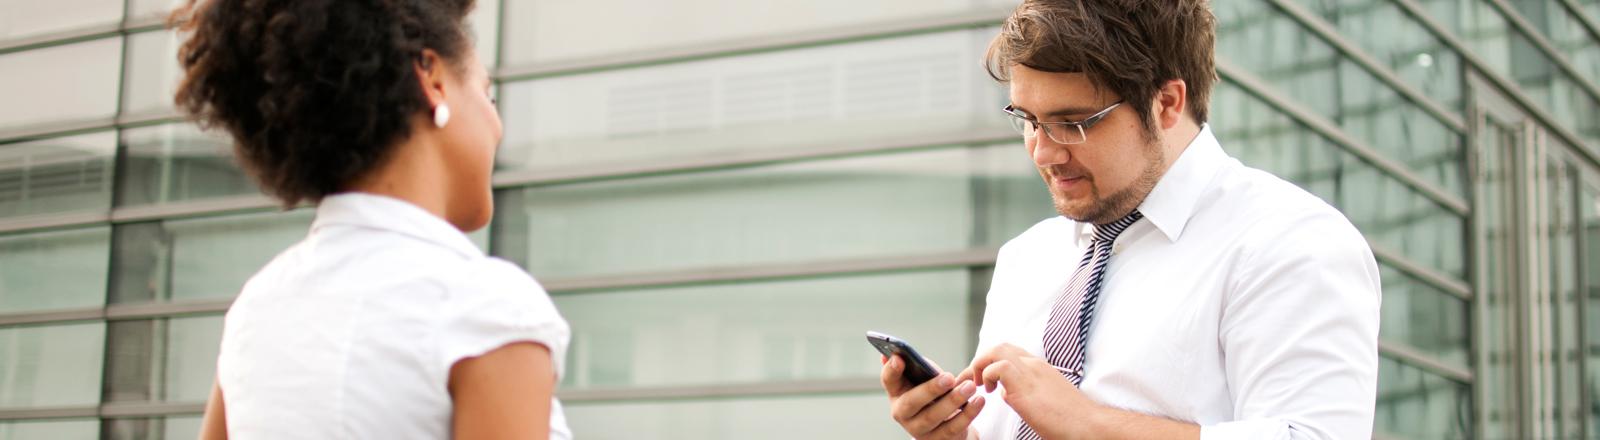 Ein Mann tippt auf seinem Smartphone - eine Frau schaut zu